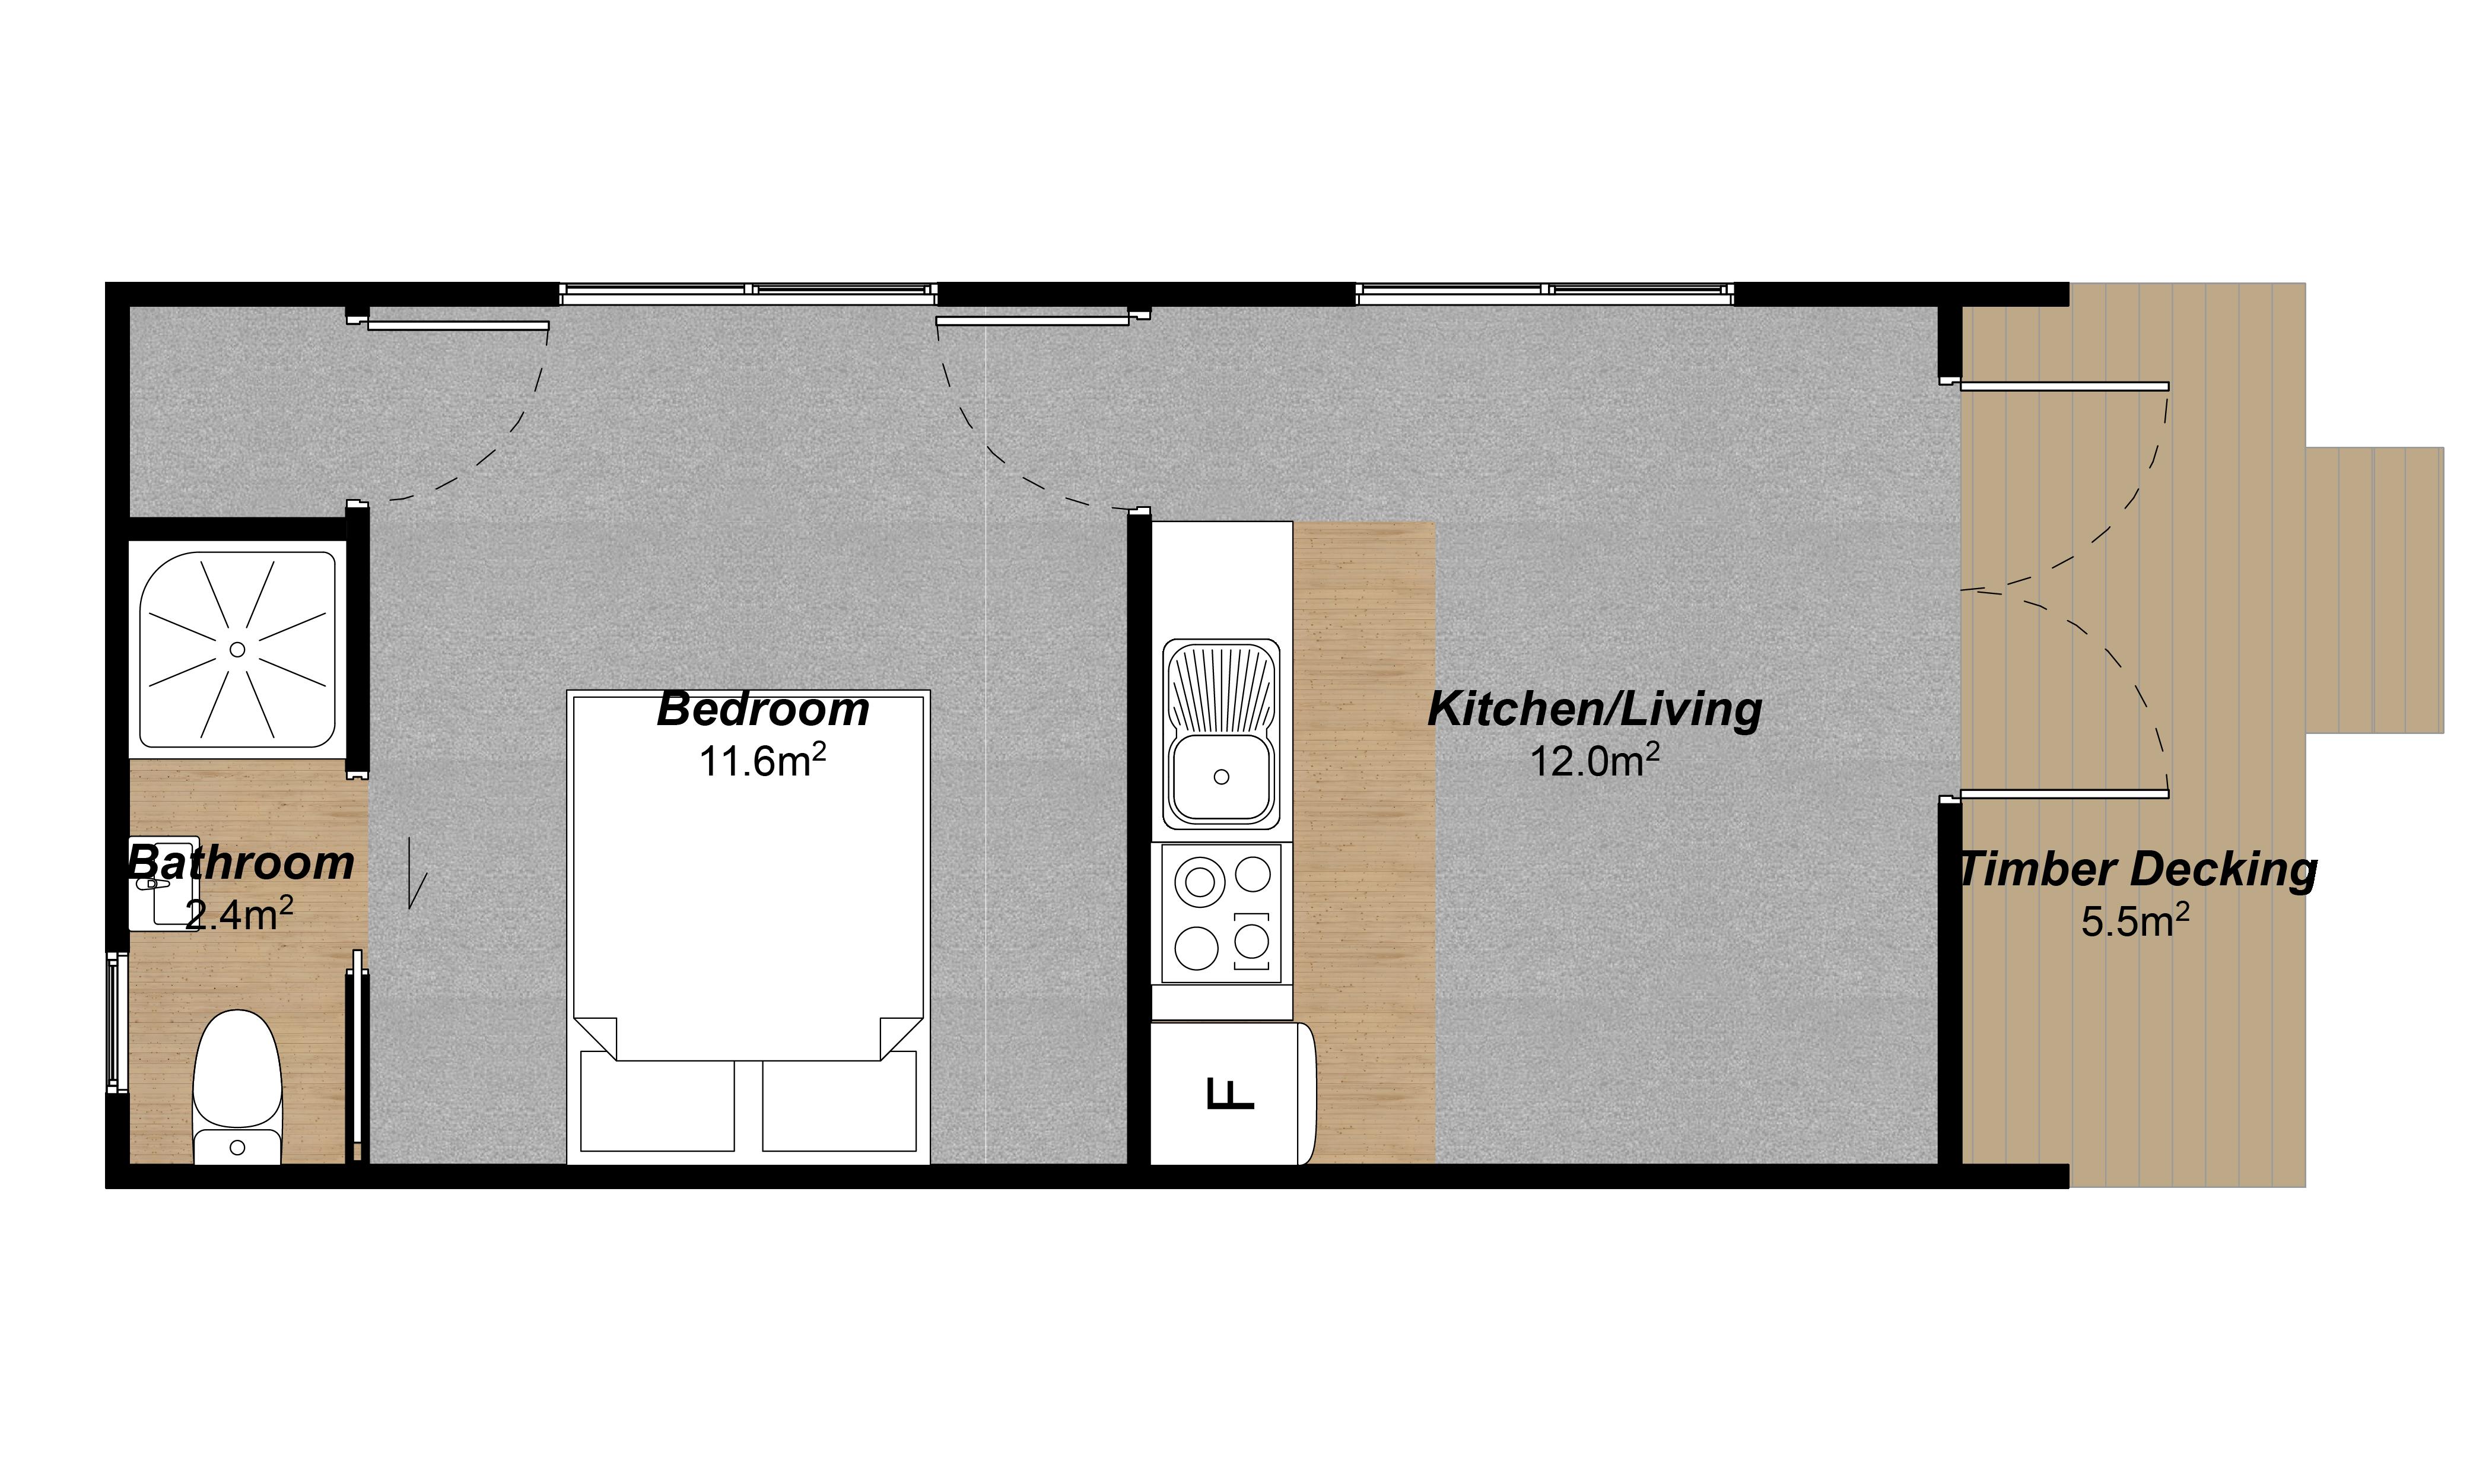 Kiwi 1 bedroom prefab house floor plan